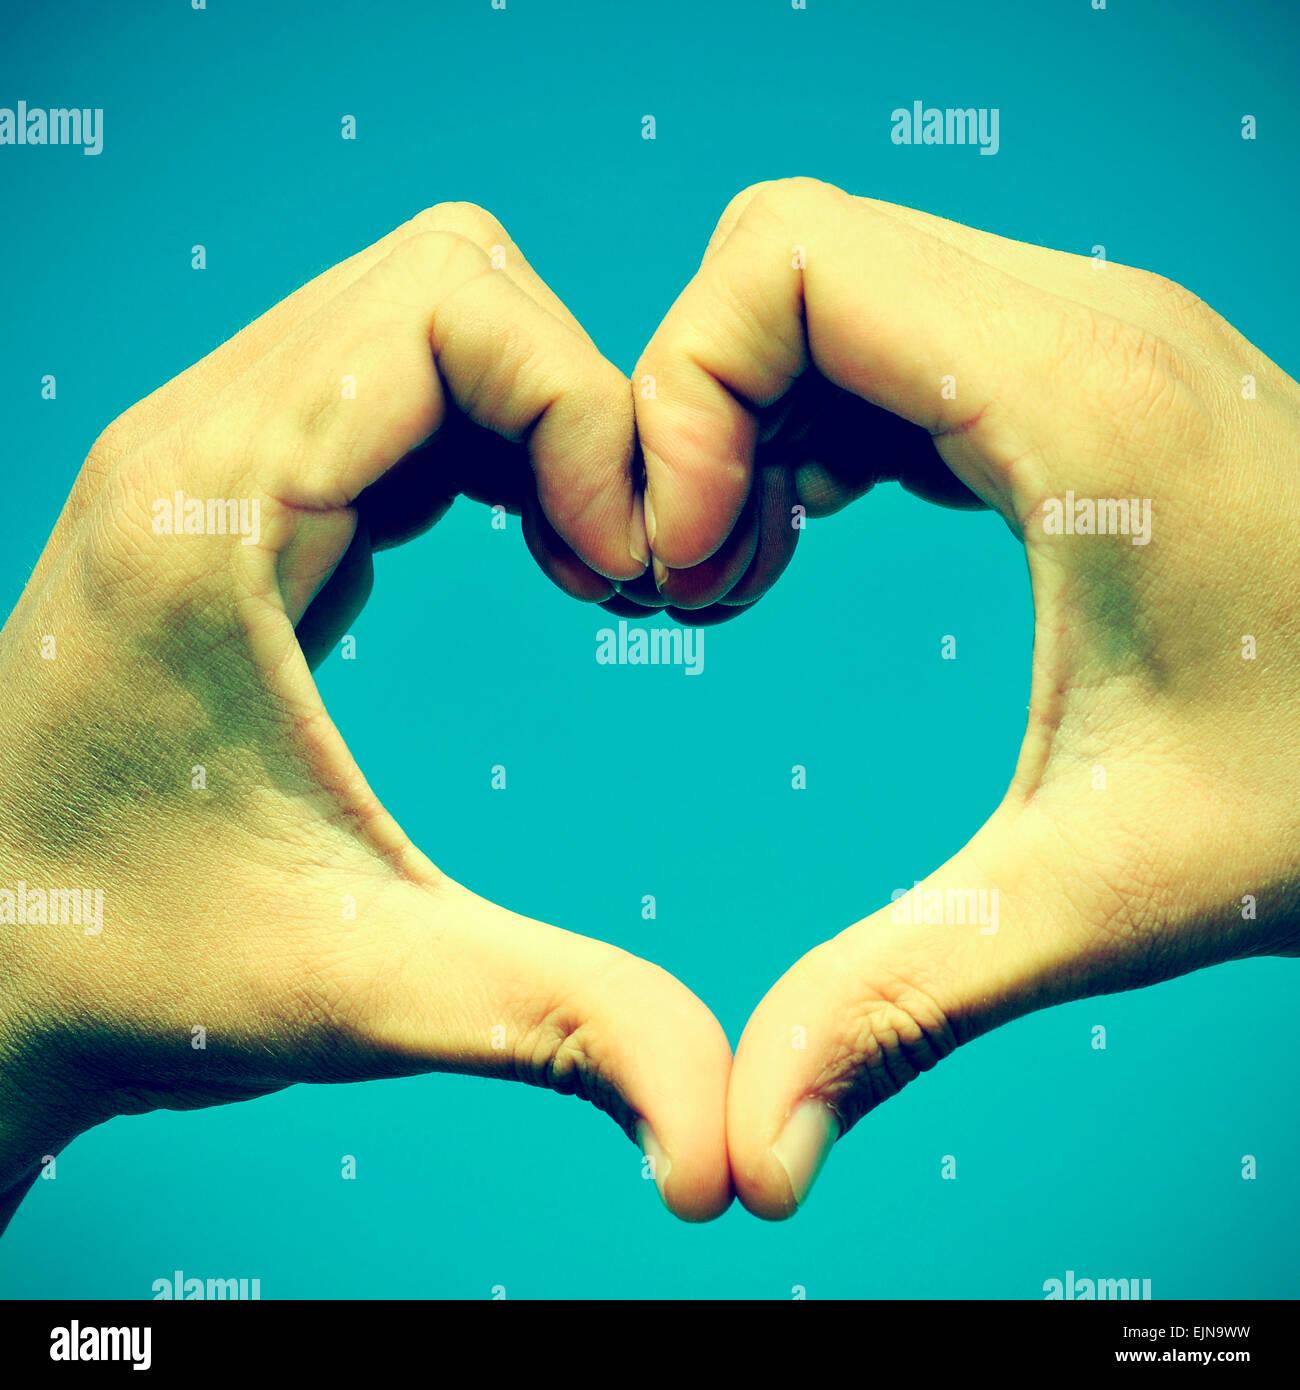 Bild des Mannes Hände bilden ein Herz über den blauen Himmel, mit einem Retro-Effekt Stockbild